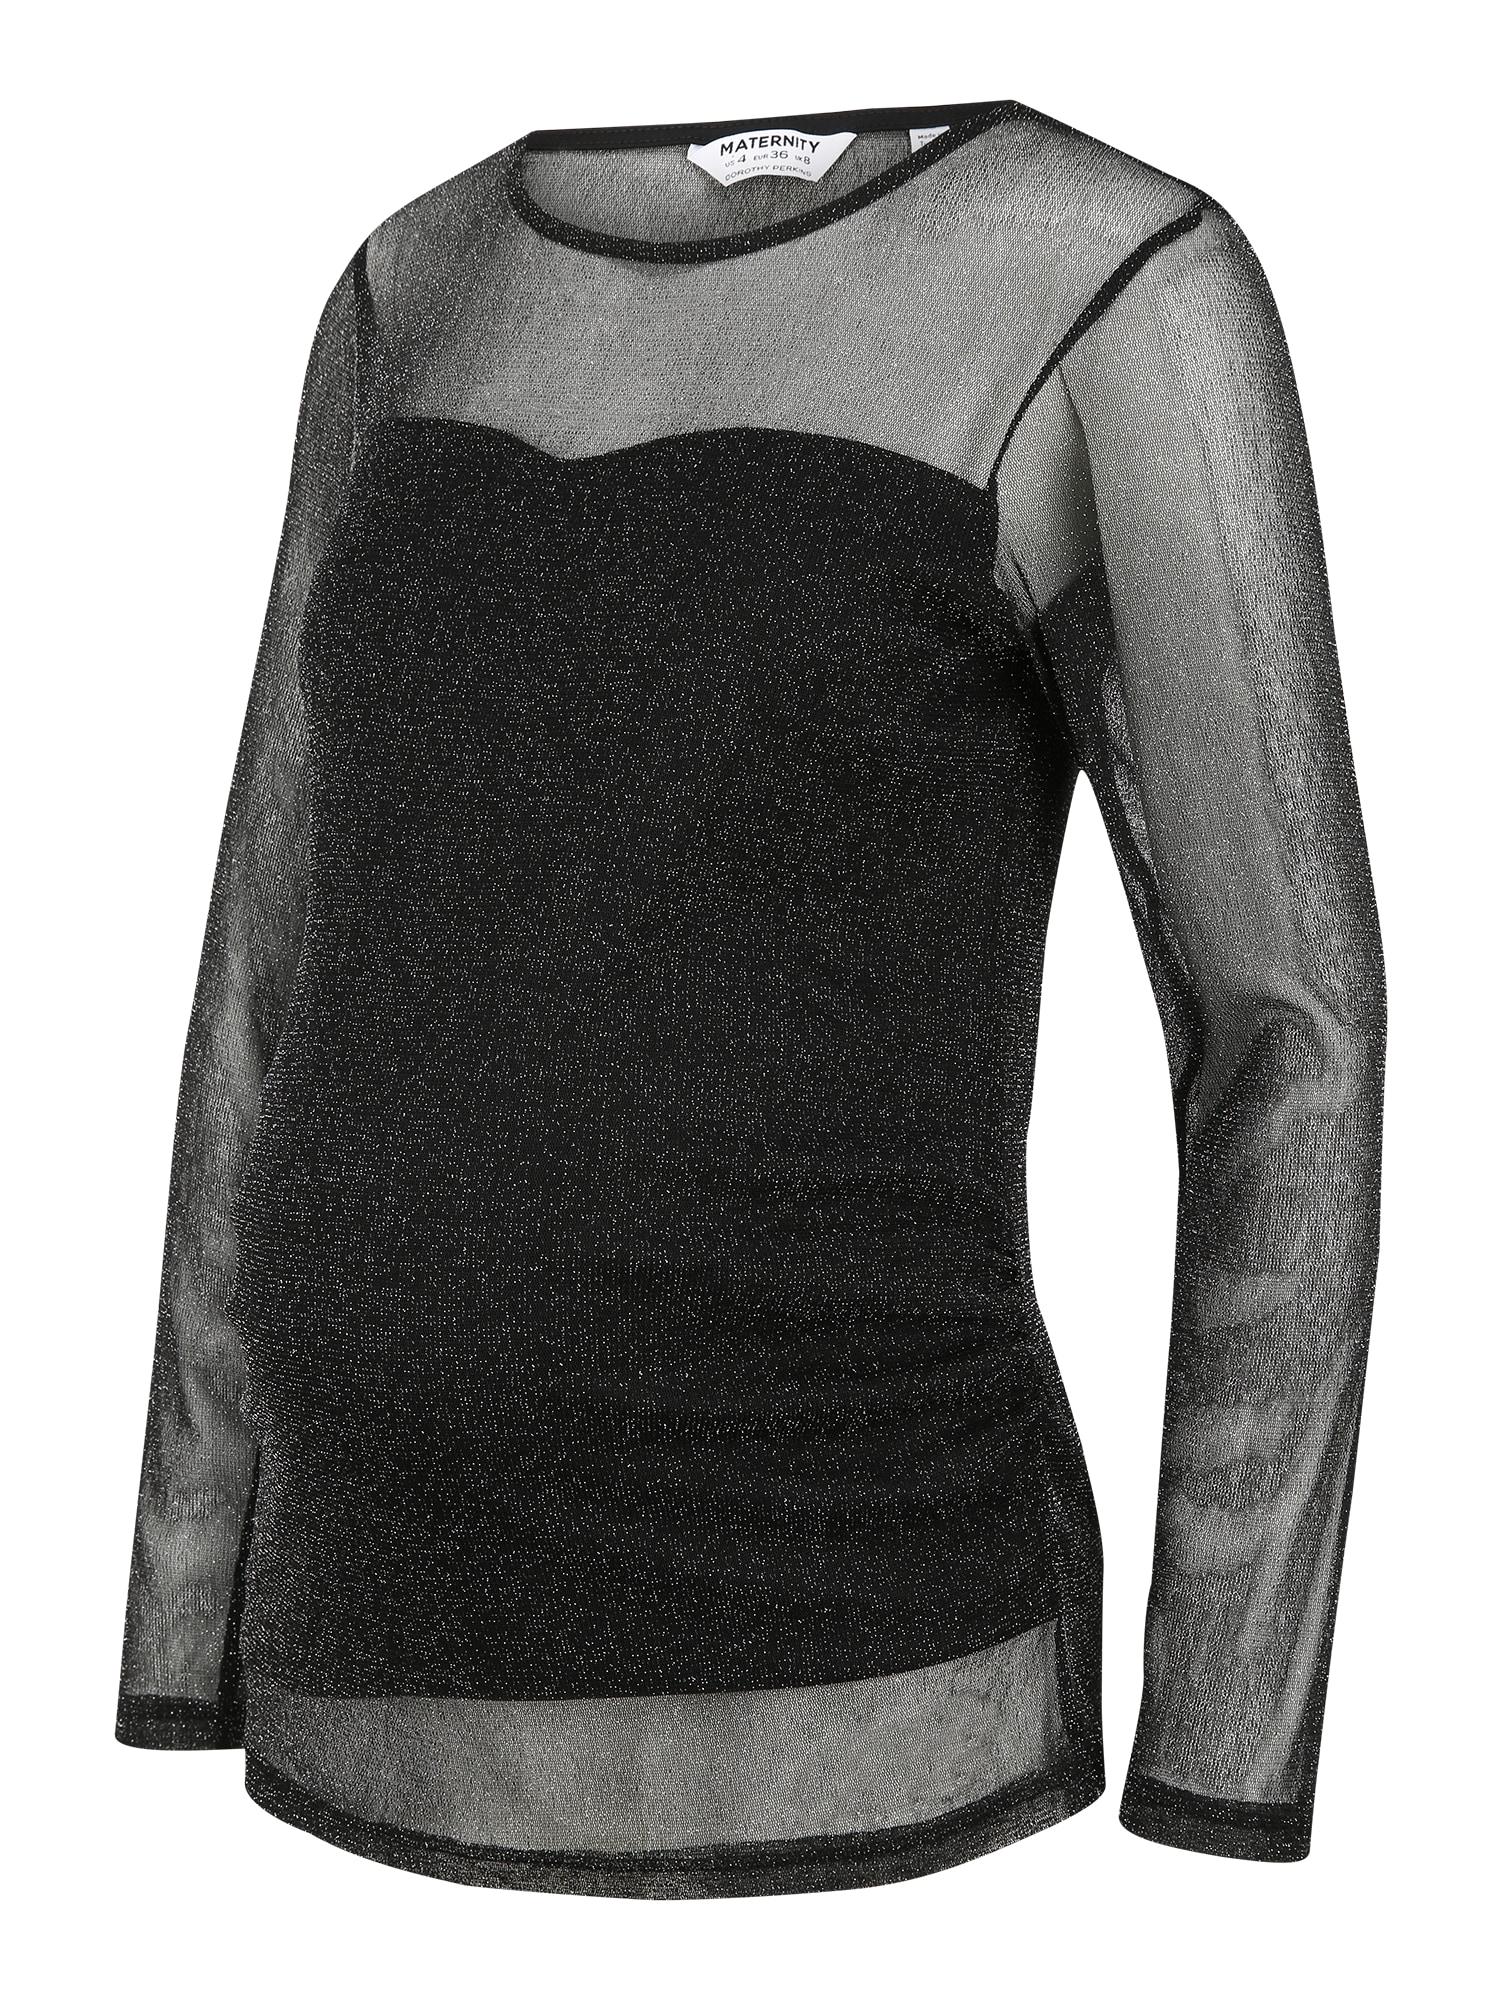 Dorothy Perkins Maternity Marškinėliai sidabrinė / juoda